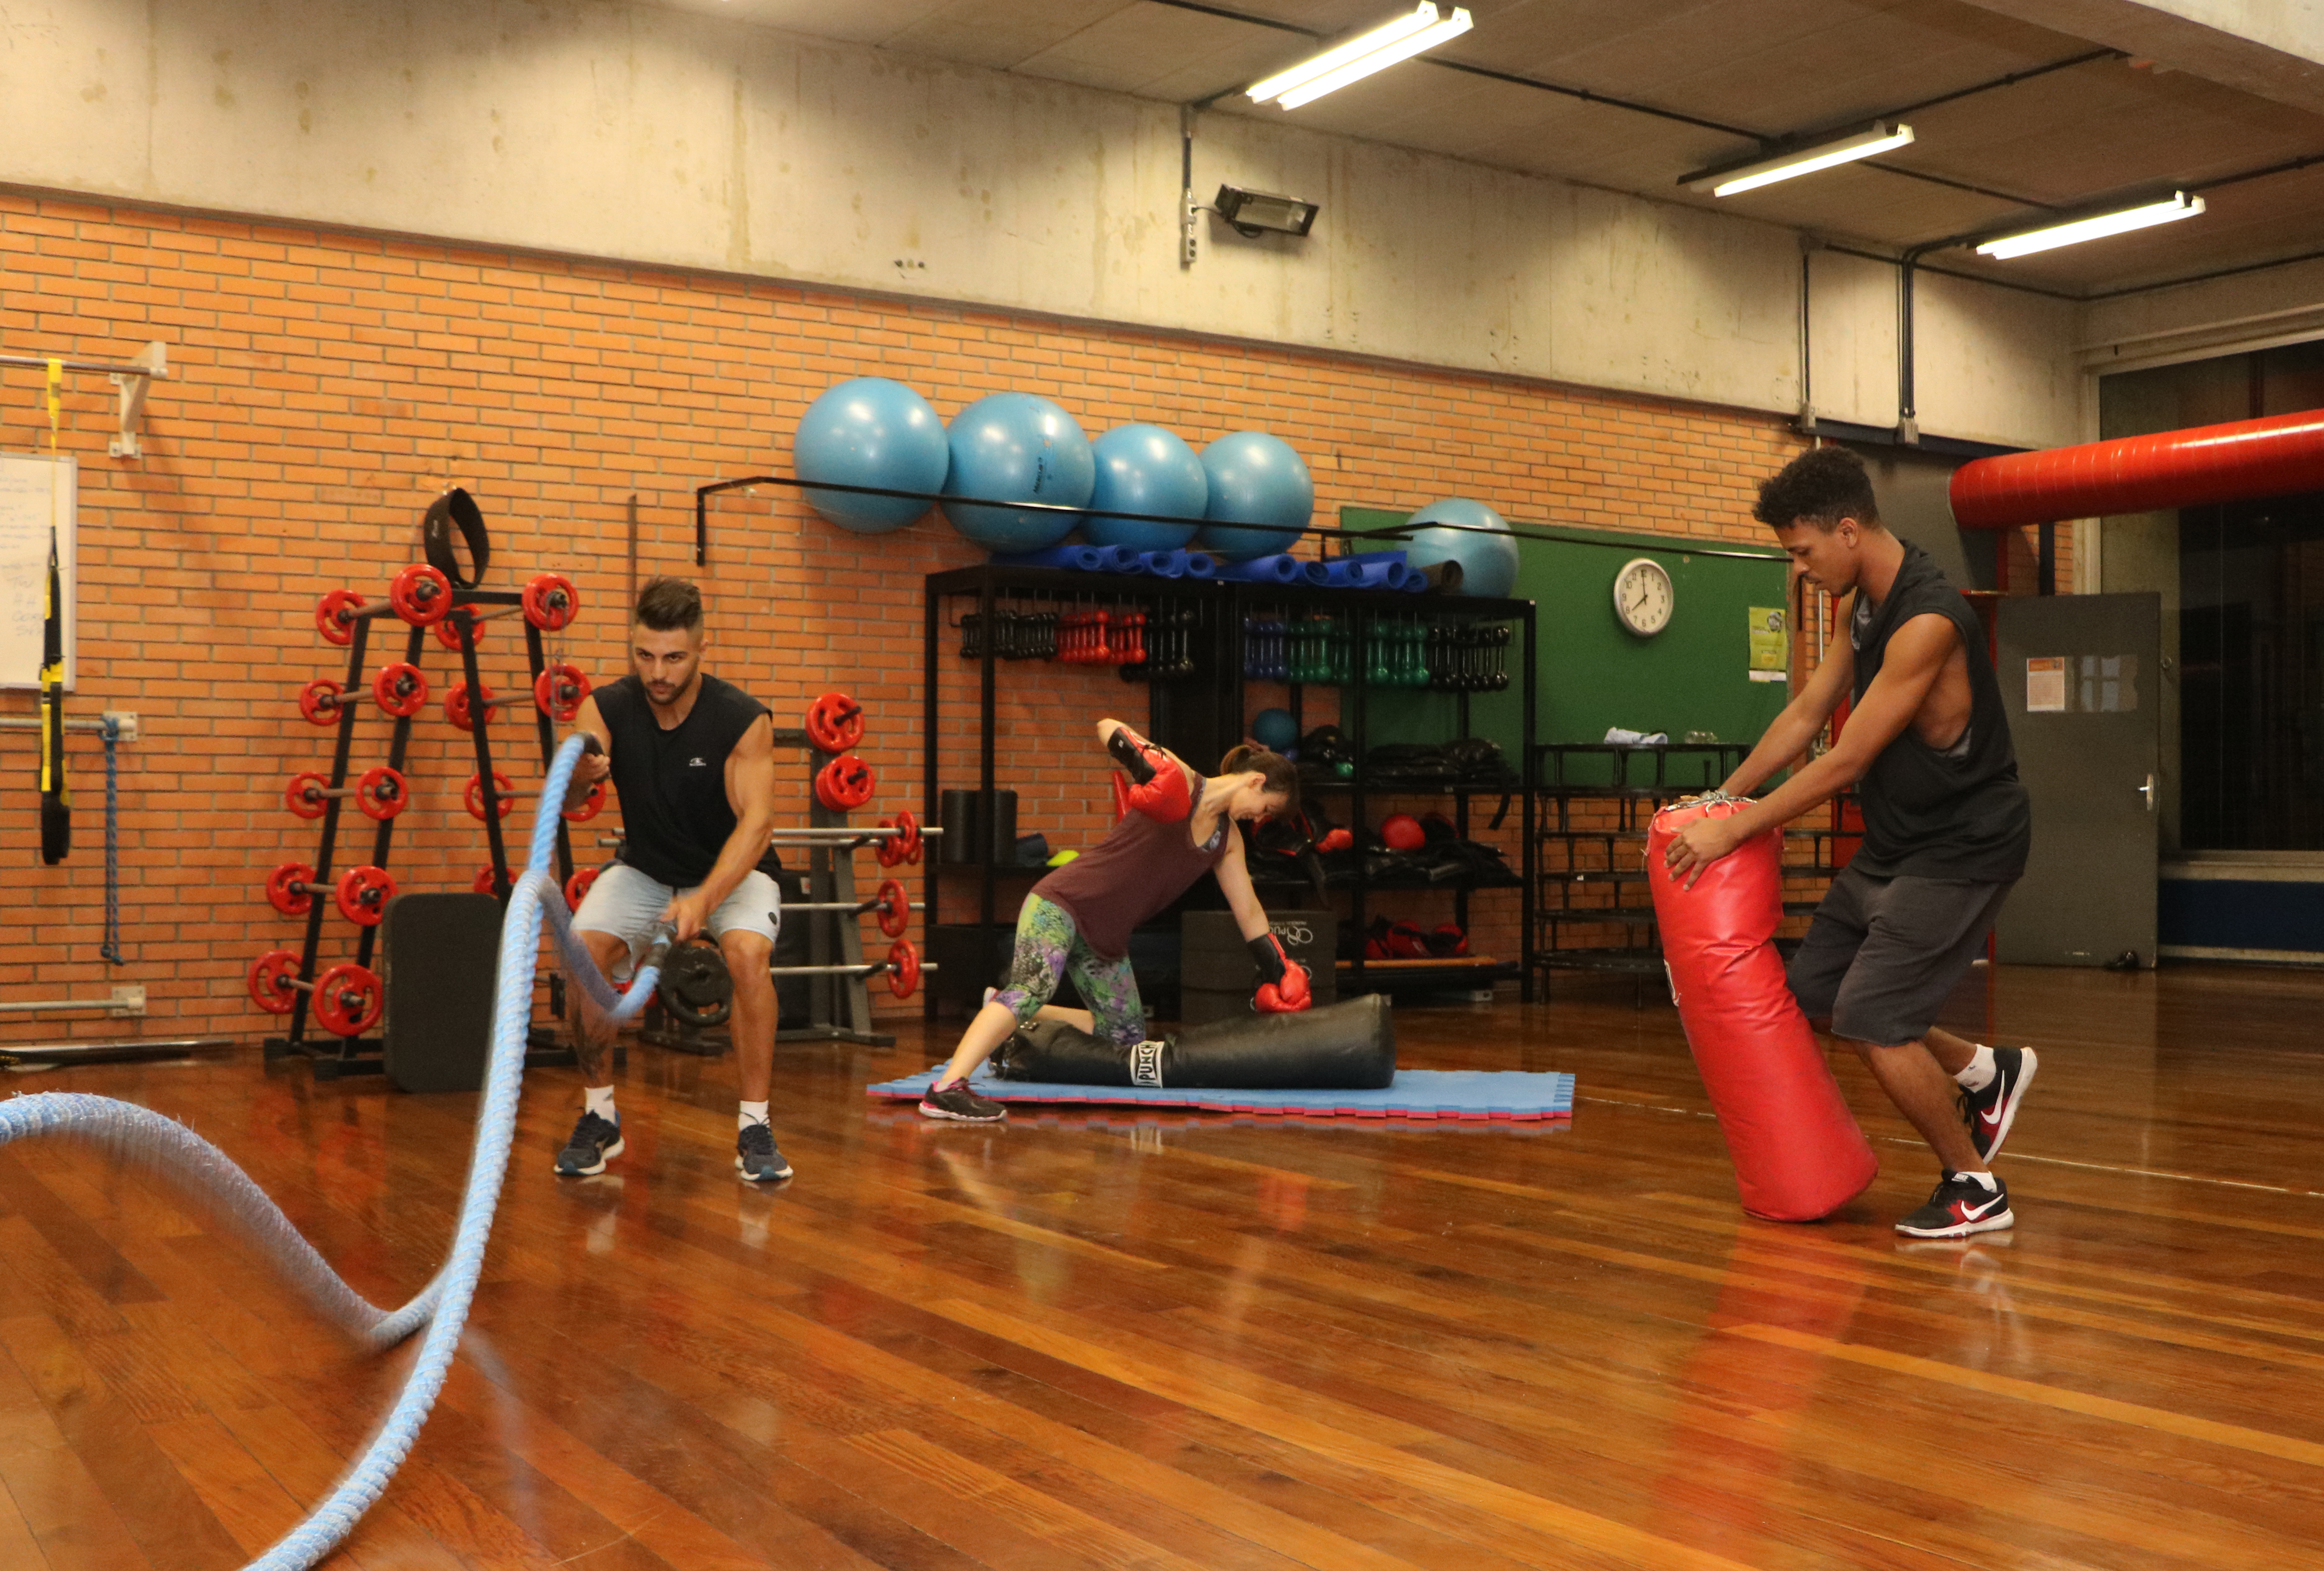 alunos do parque esportivo utilizam materiais para se exercitar